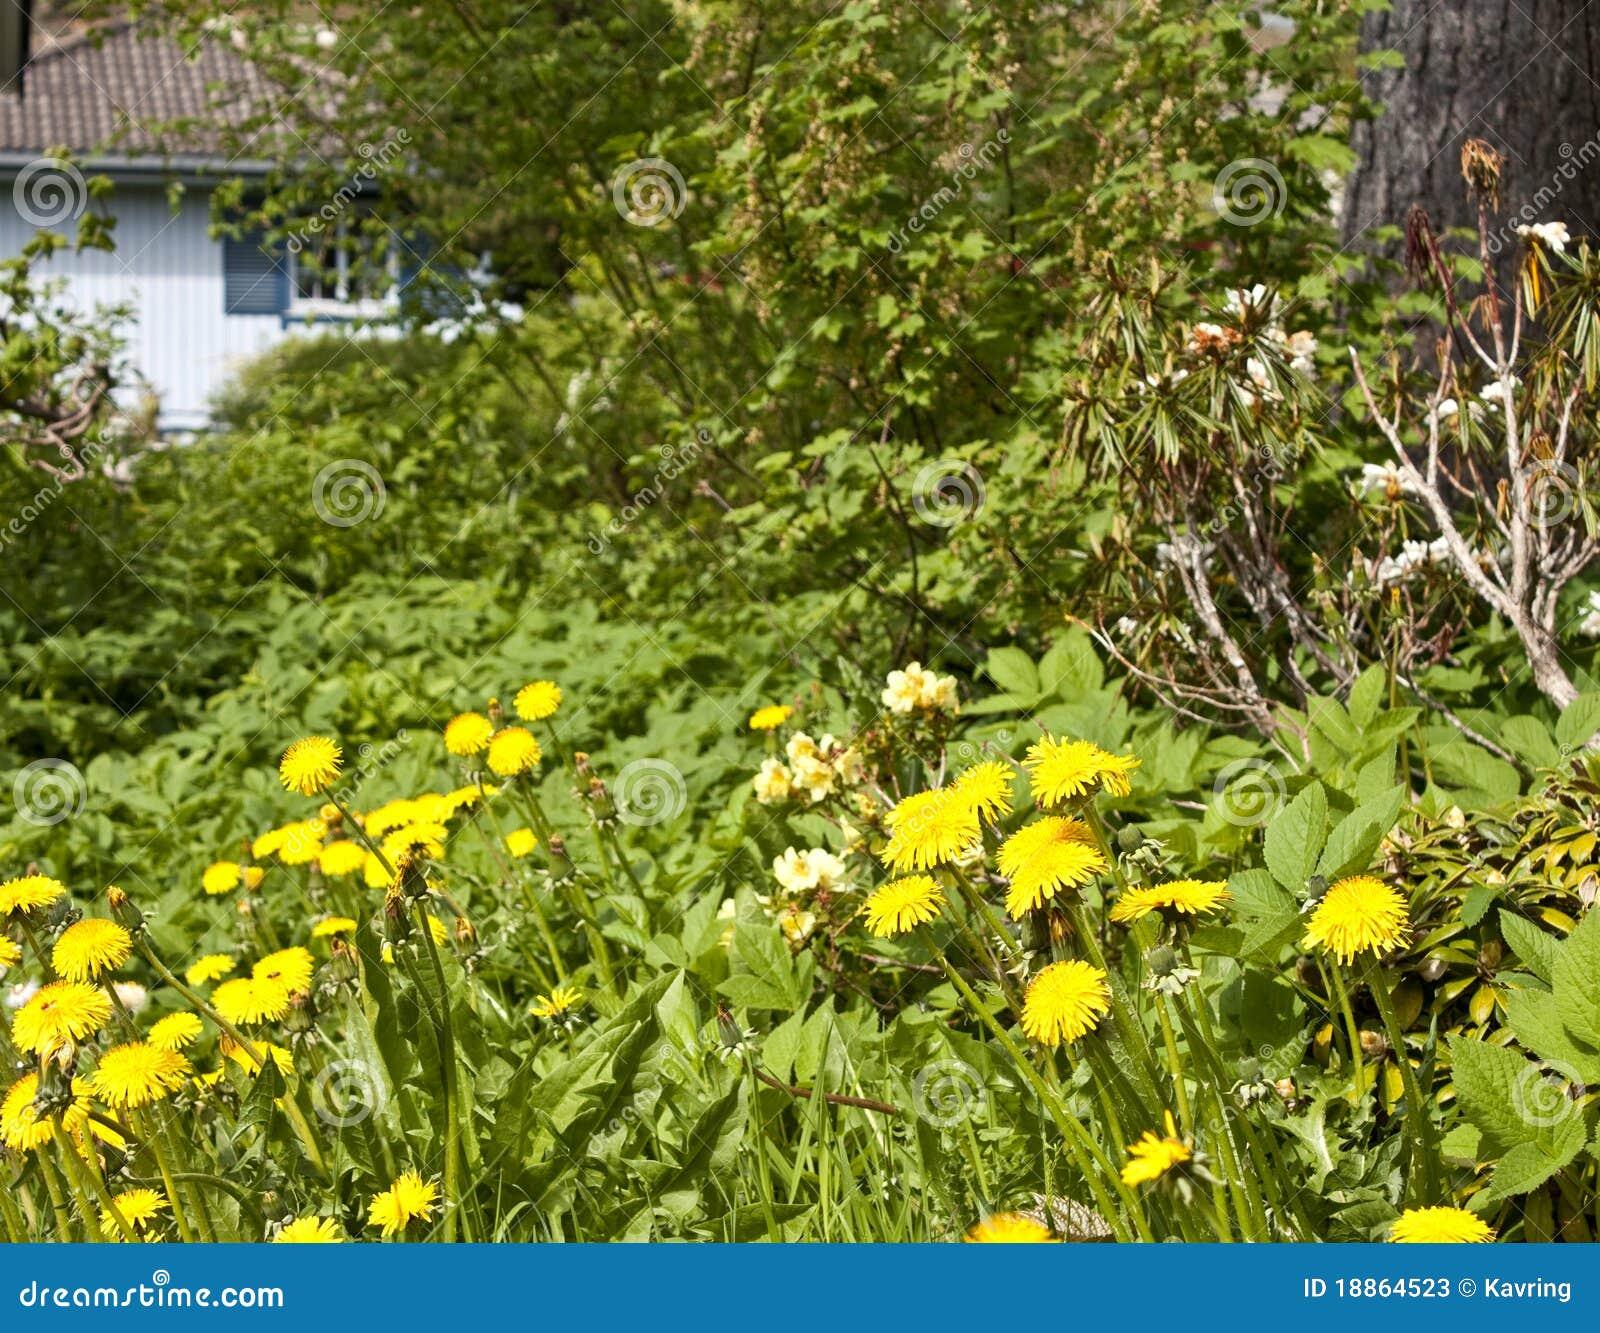 Neglected garden